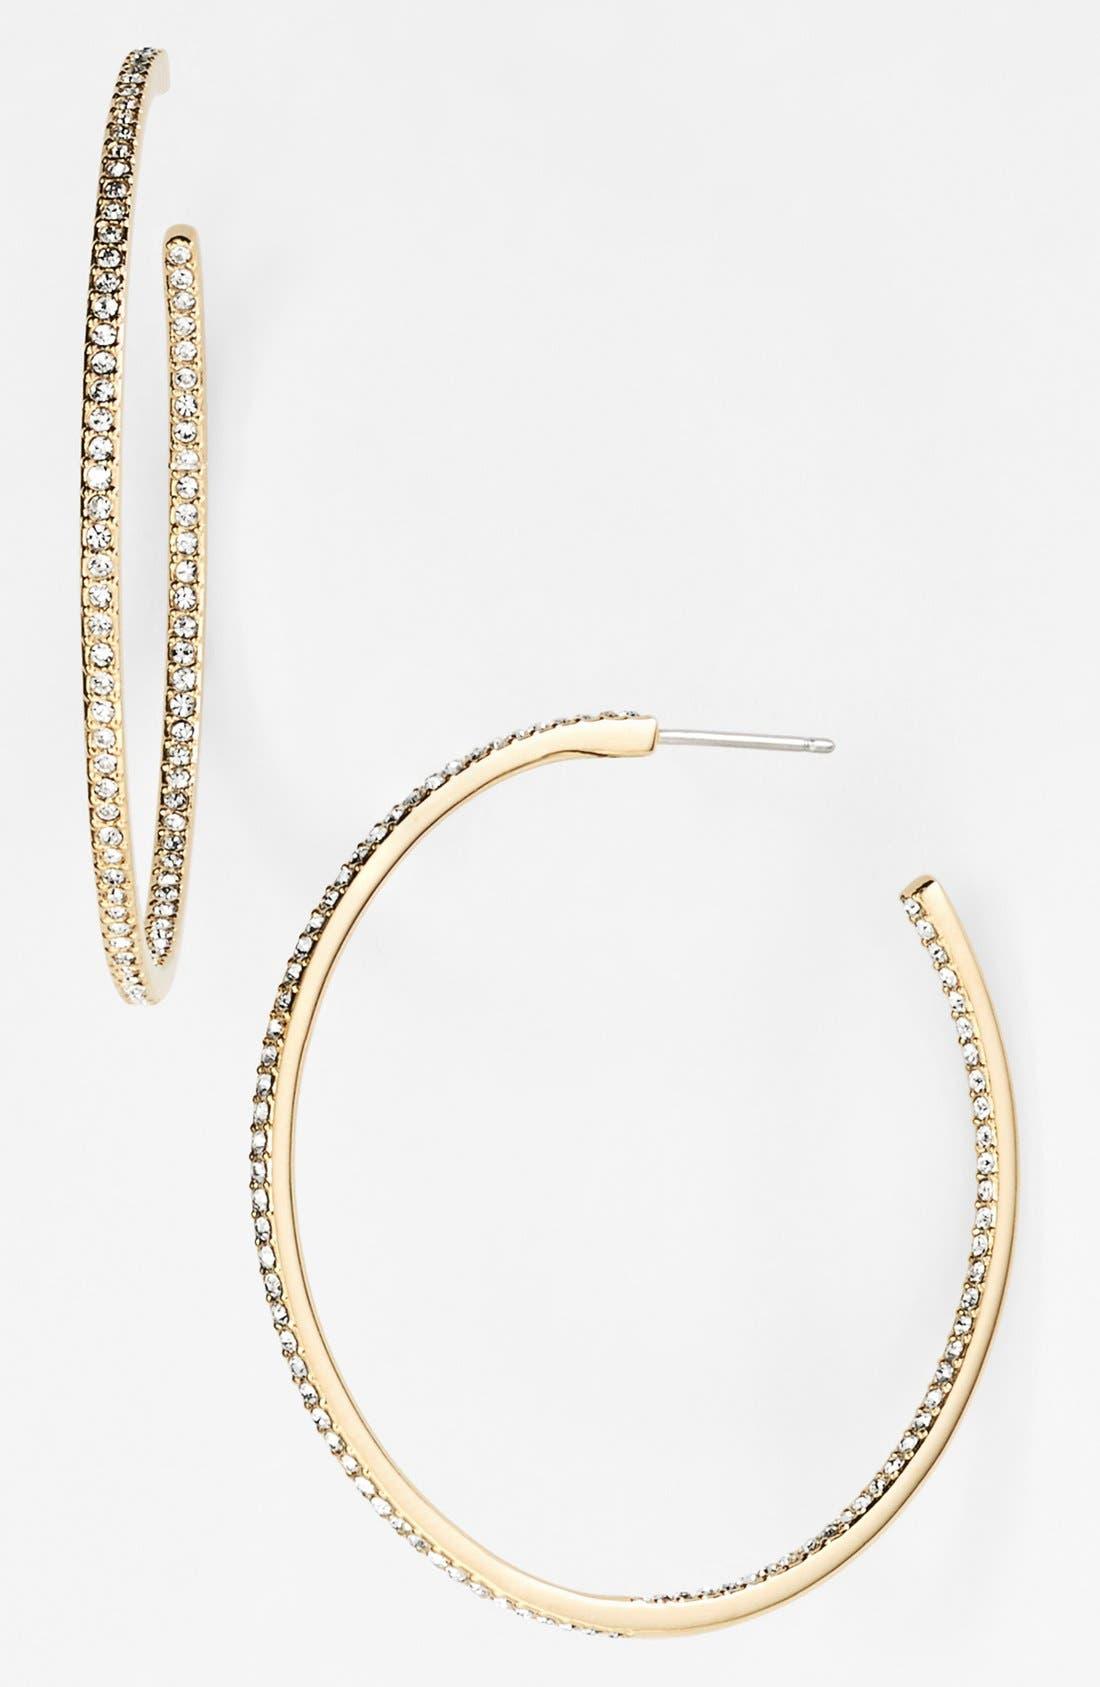 Nadri Medium Inside Out Hoop Earrings Nordstrom Exclusive